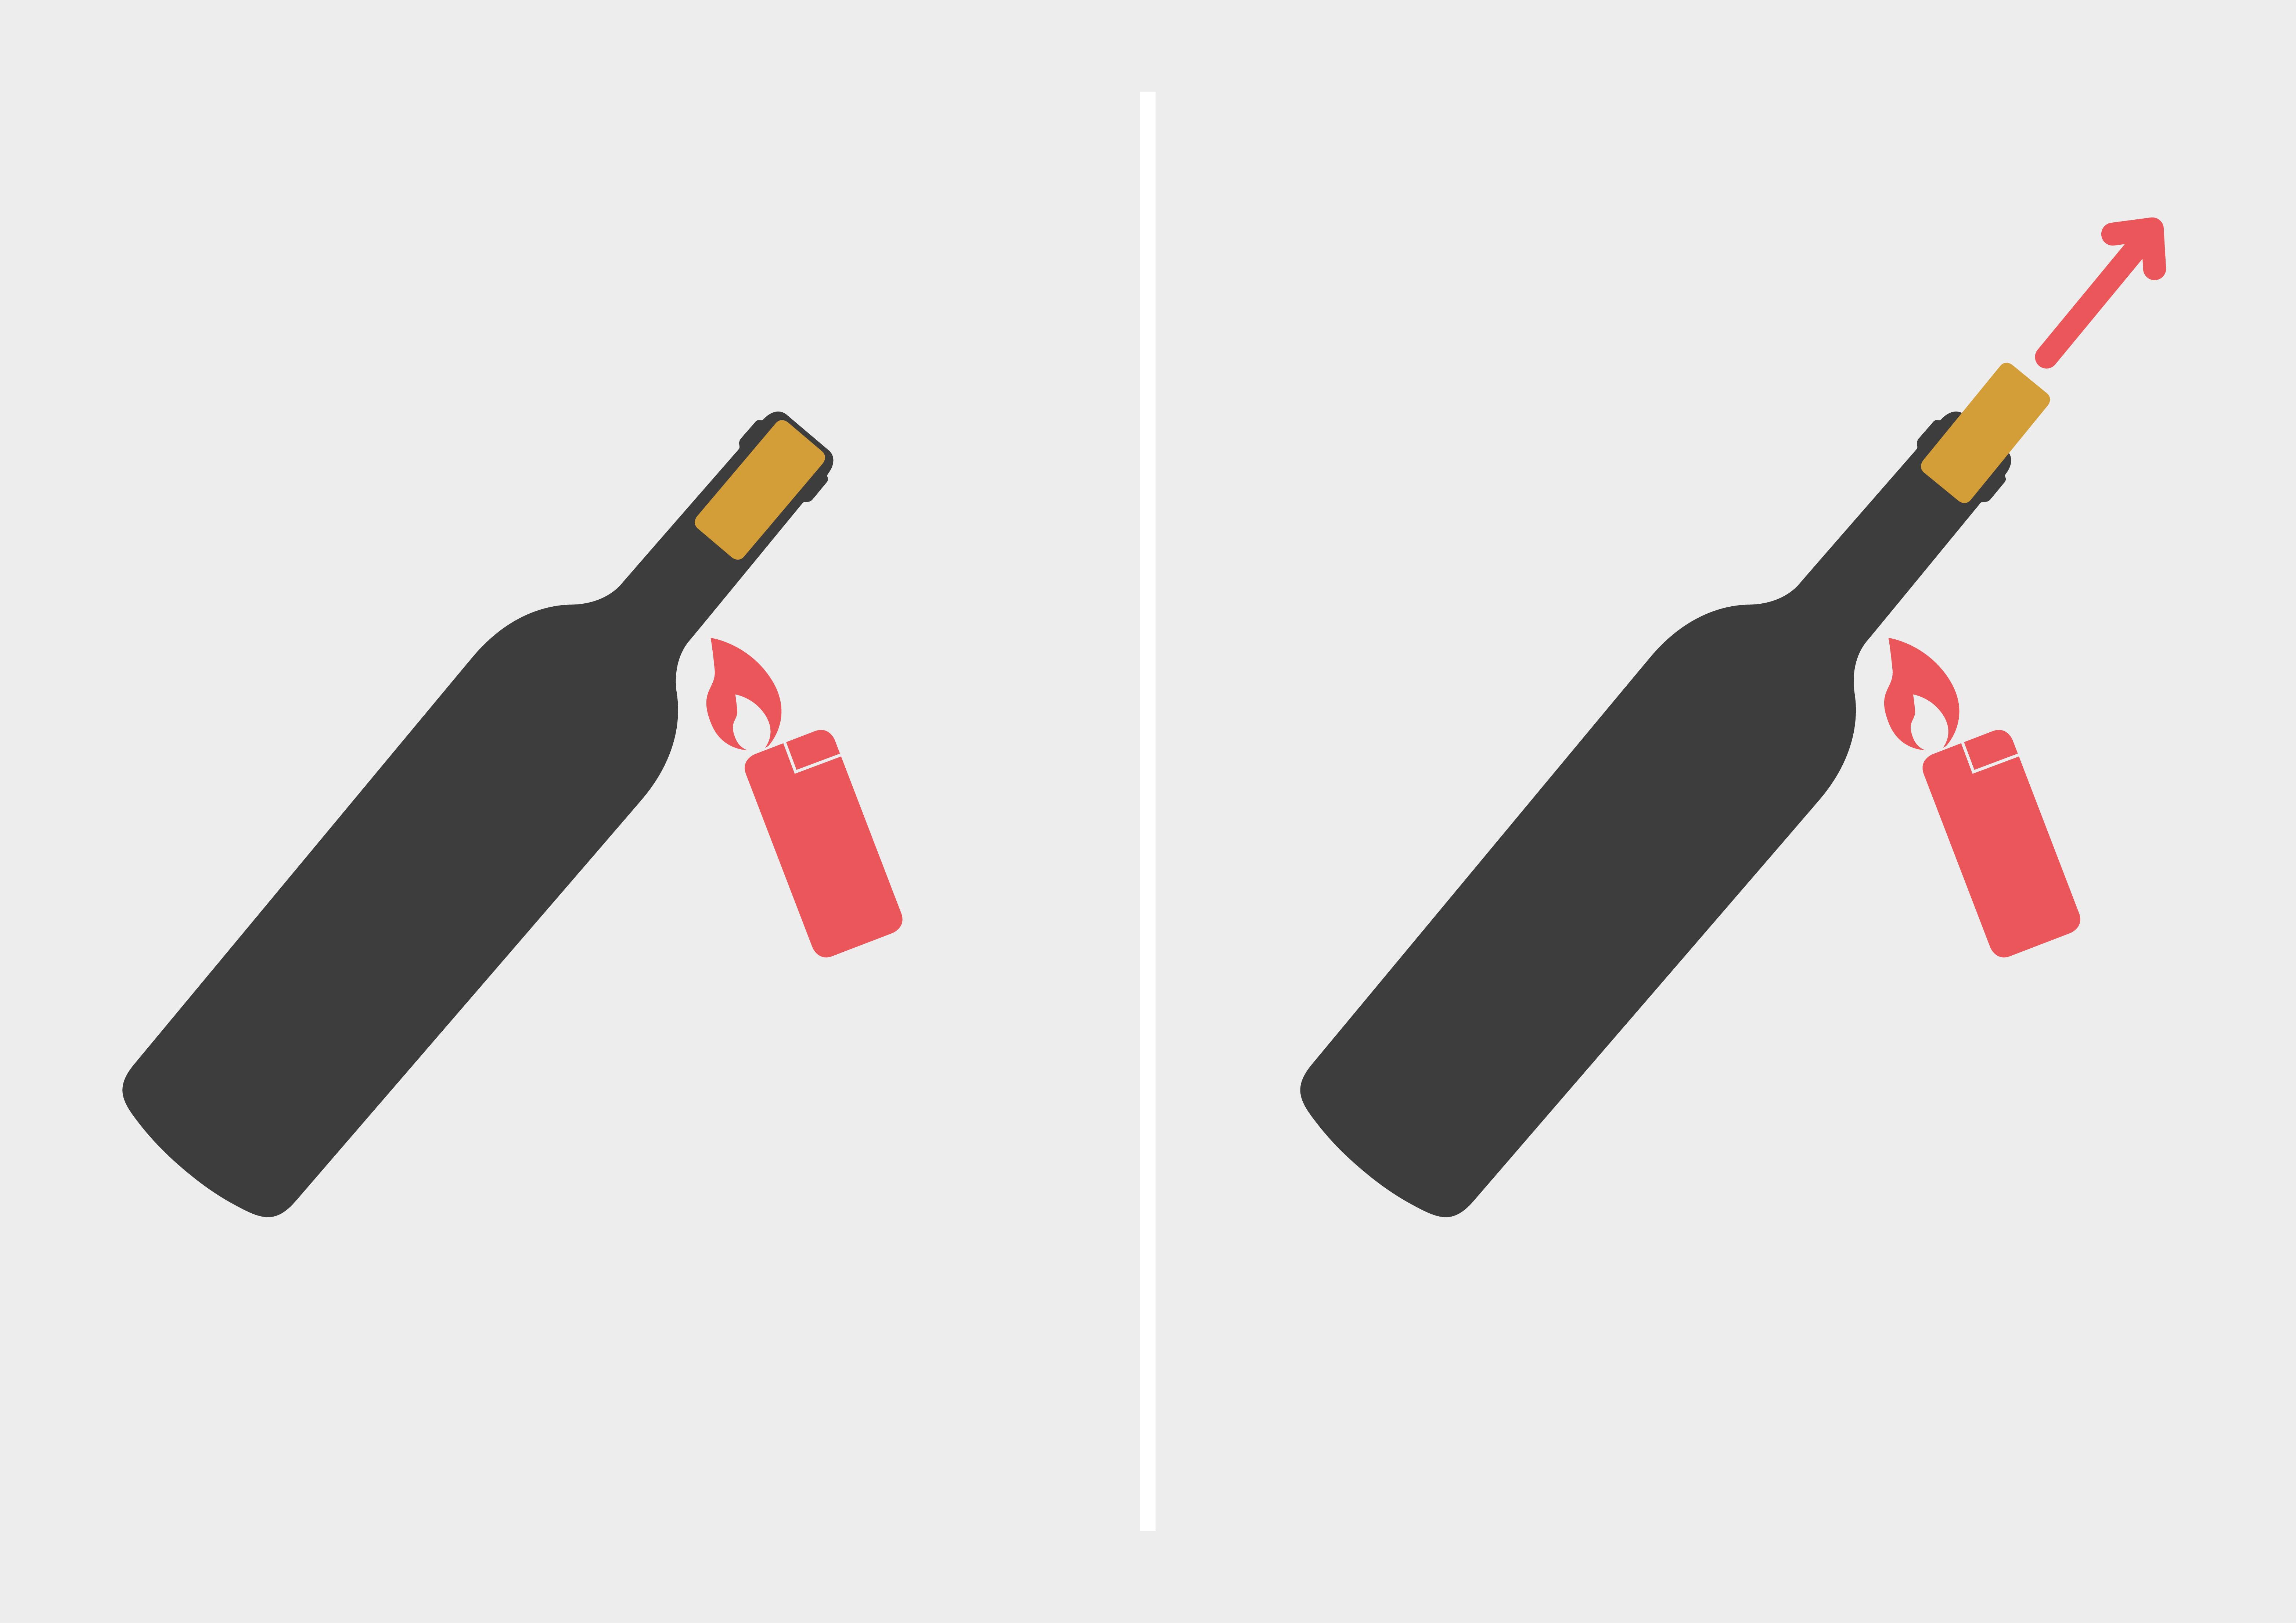 Weinflasche ohne Korkenzieher öffnen